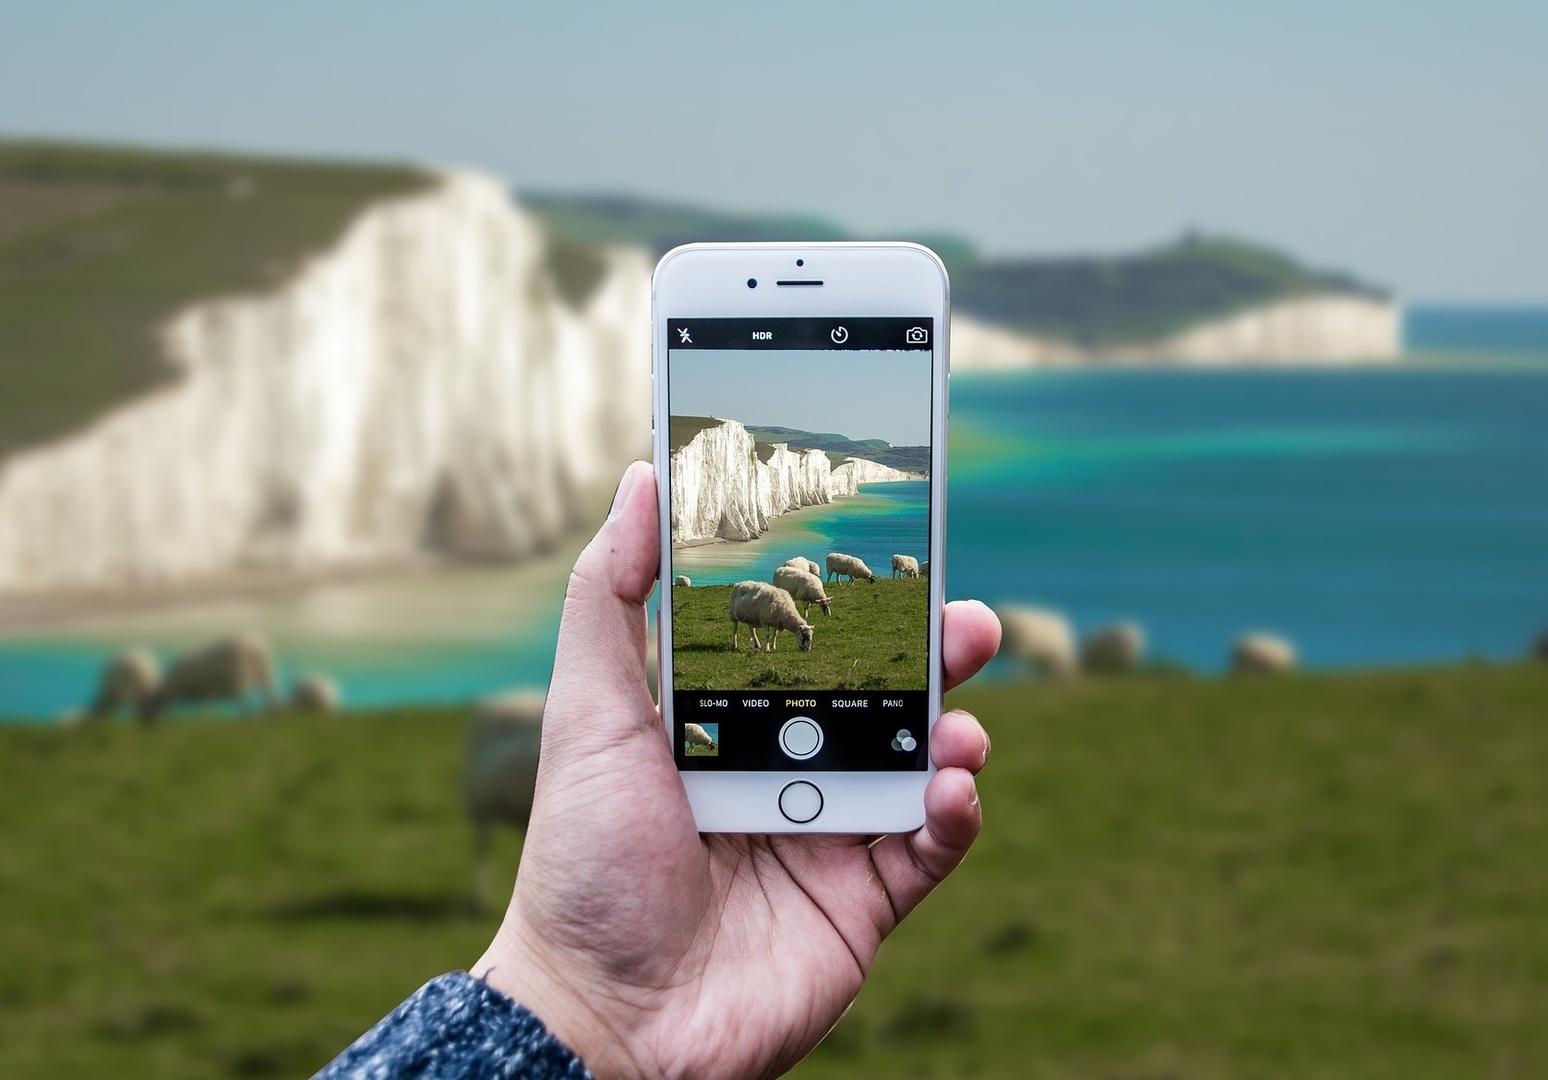 как лучше фотографировать на айфоне разобраться, как можно